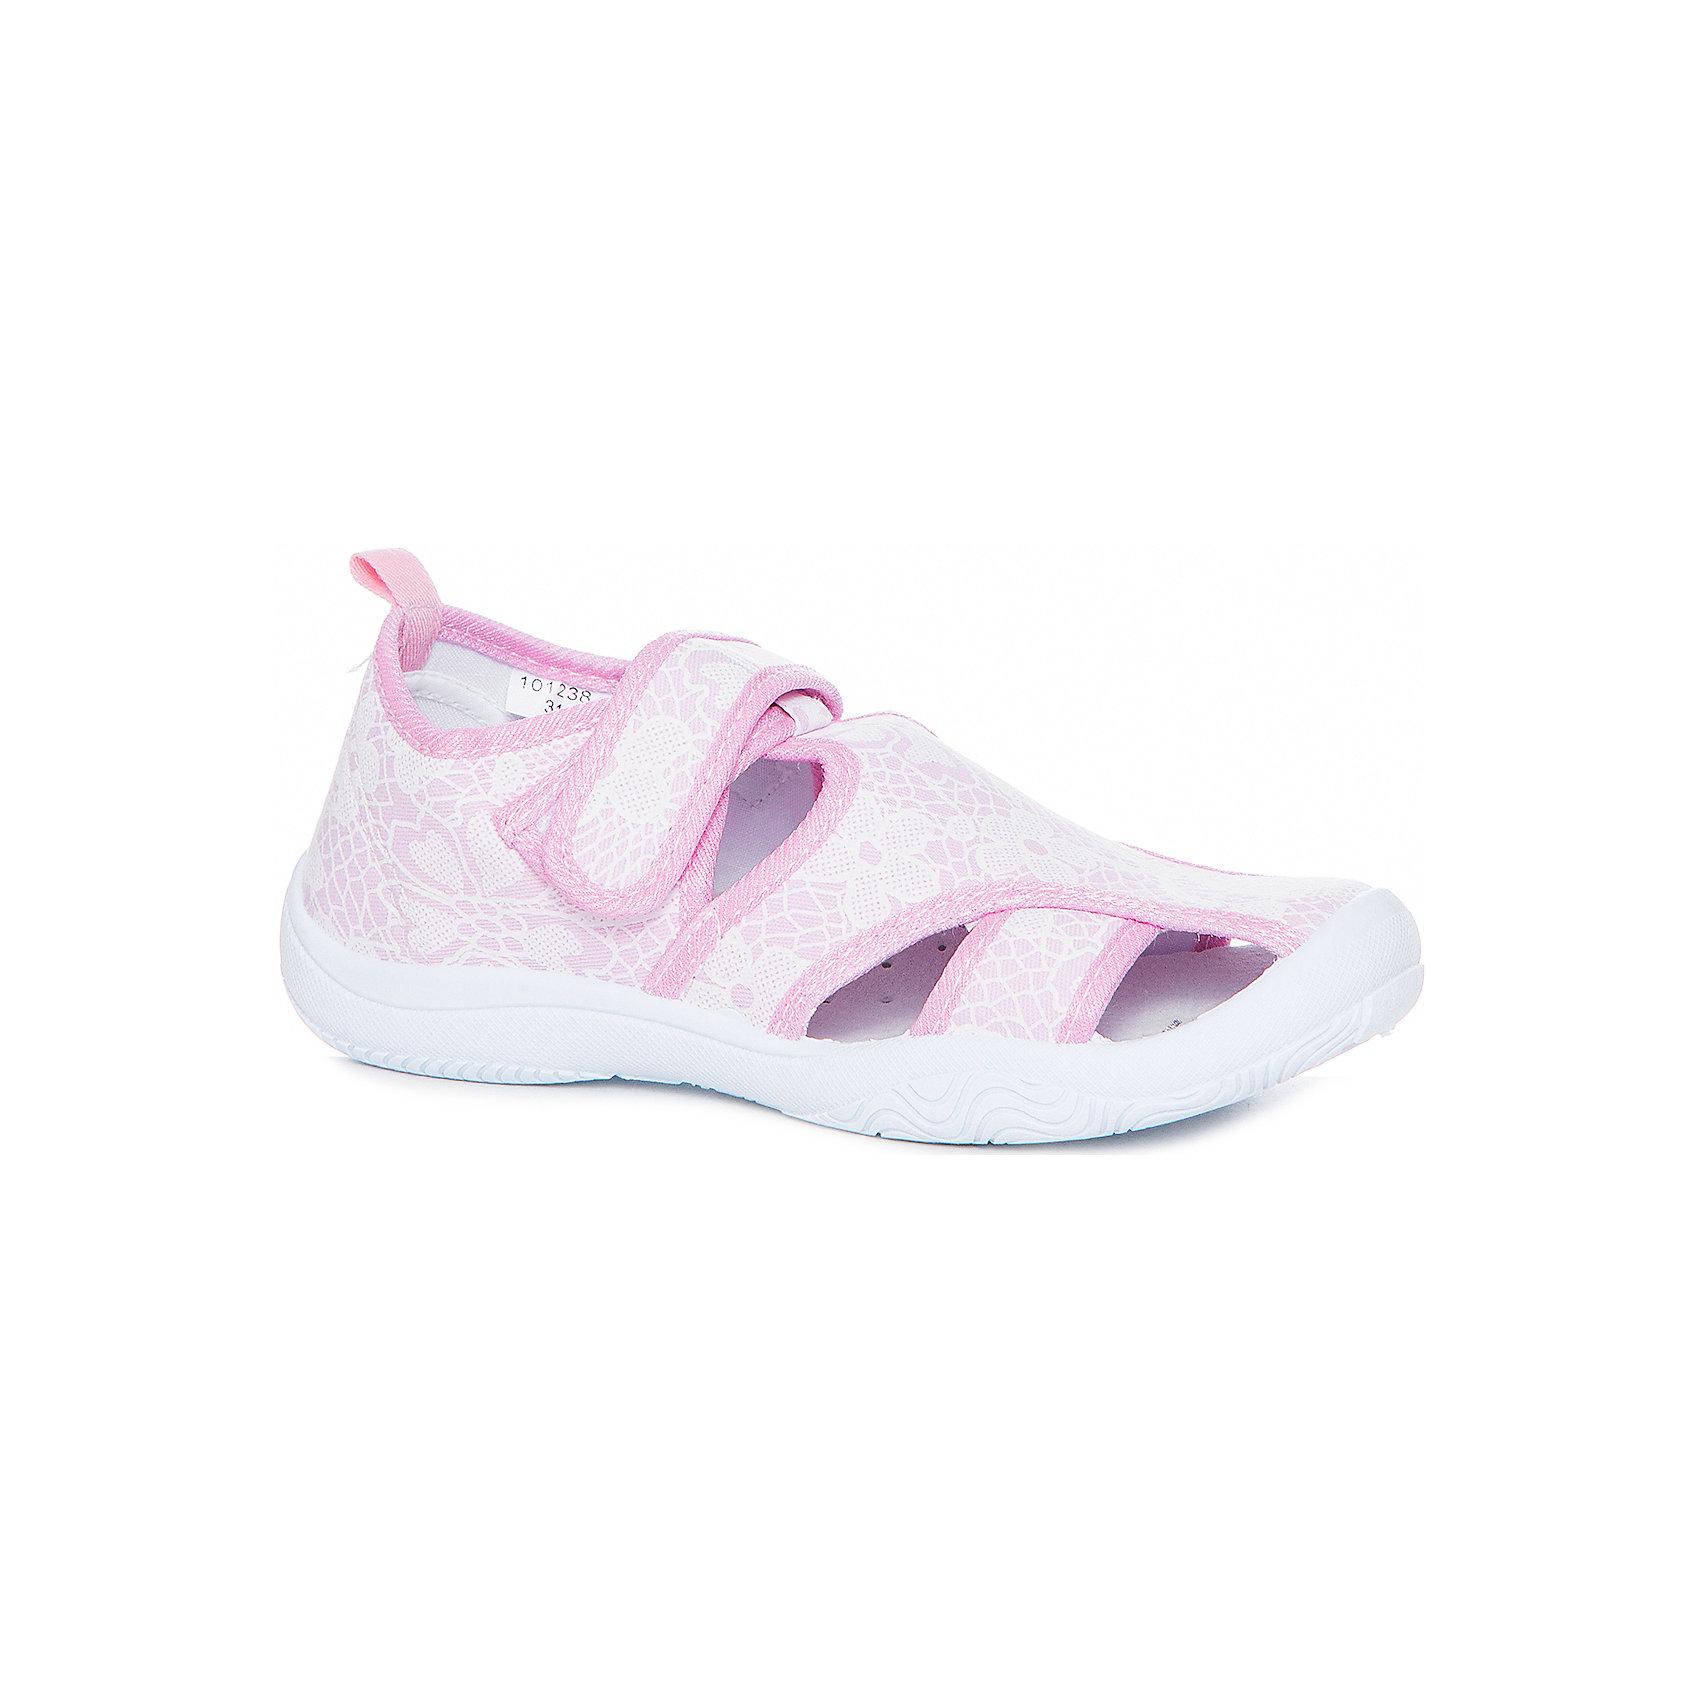 Сандалии для девочки MURSUСандалии<br>Текстильная обувь для девочки MURSU<br>Состав: <br>Материал верха: хлопок; Материал подкладки: хлопок; Материал подошвы: ПВХ; Материал стельки: натуральная кожа.<br><br>Ширина мм: 227<br>Глубина мм: 145<br>Высота мм: 124<br>Вес г: 325<br>Цвет: розовый<br>Возраст от месяцев: 84<br>Возраст до месяцев: 96<br>Пол: Женский<br>Возраст: Детский<br>Размер: 31,32,27,28,29,30<br>SKU: 5325765